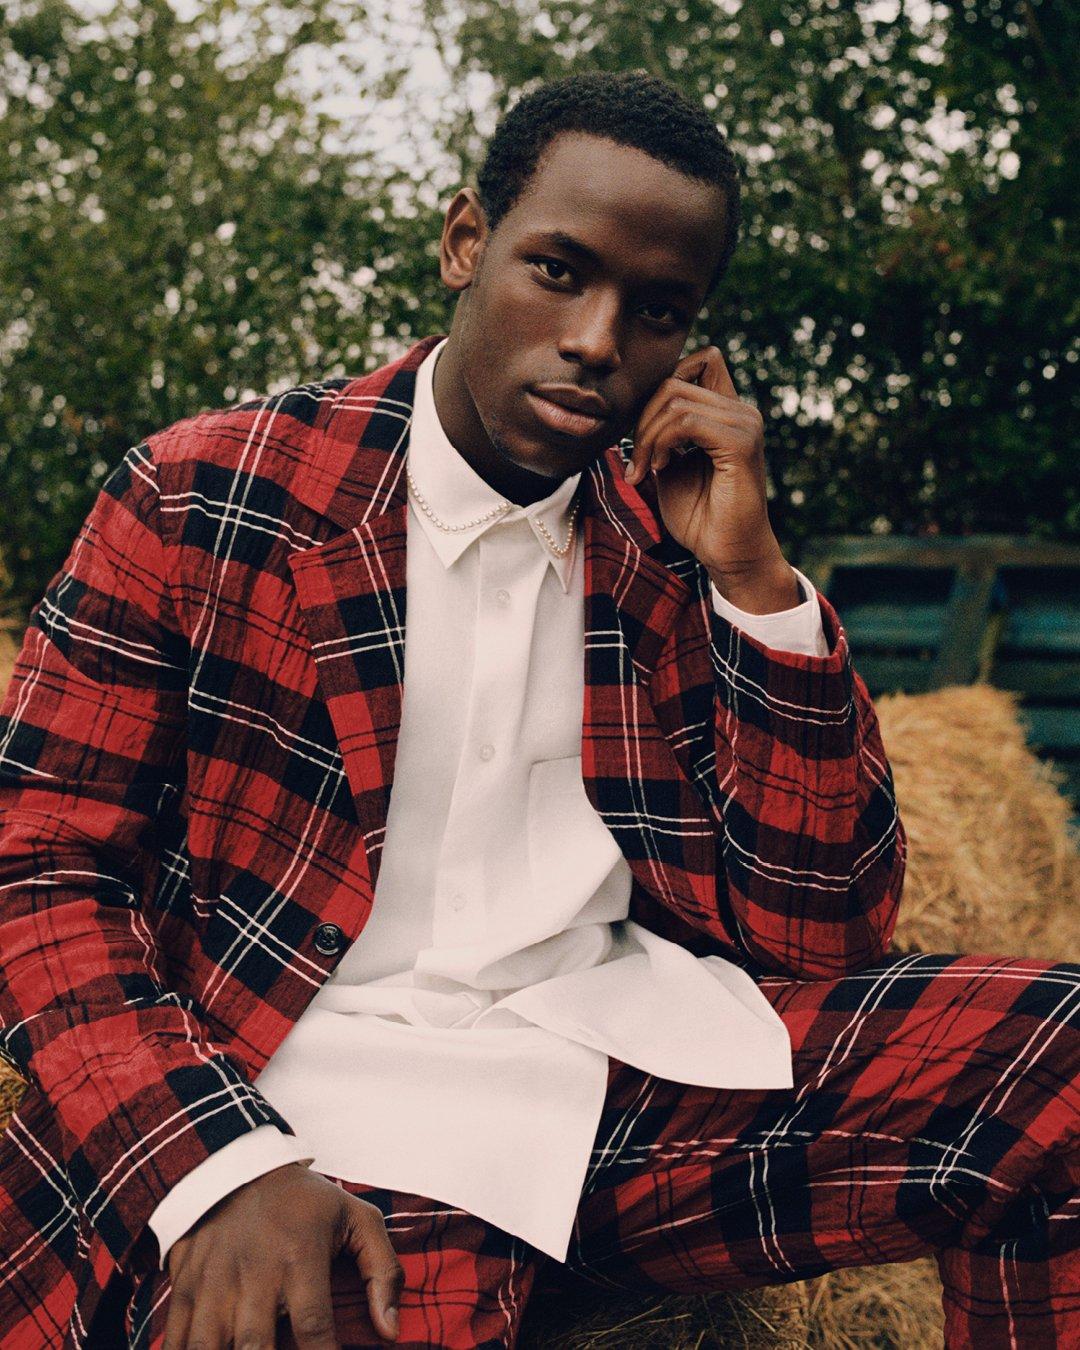 시몬로샤와 H&M 콜라보레이션 컬렉션의 남성복(타탄체크무늬) 모습이다.